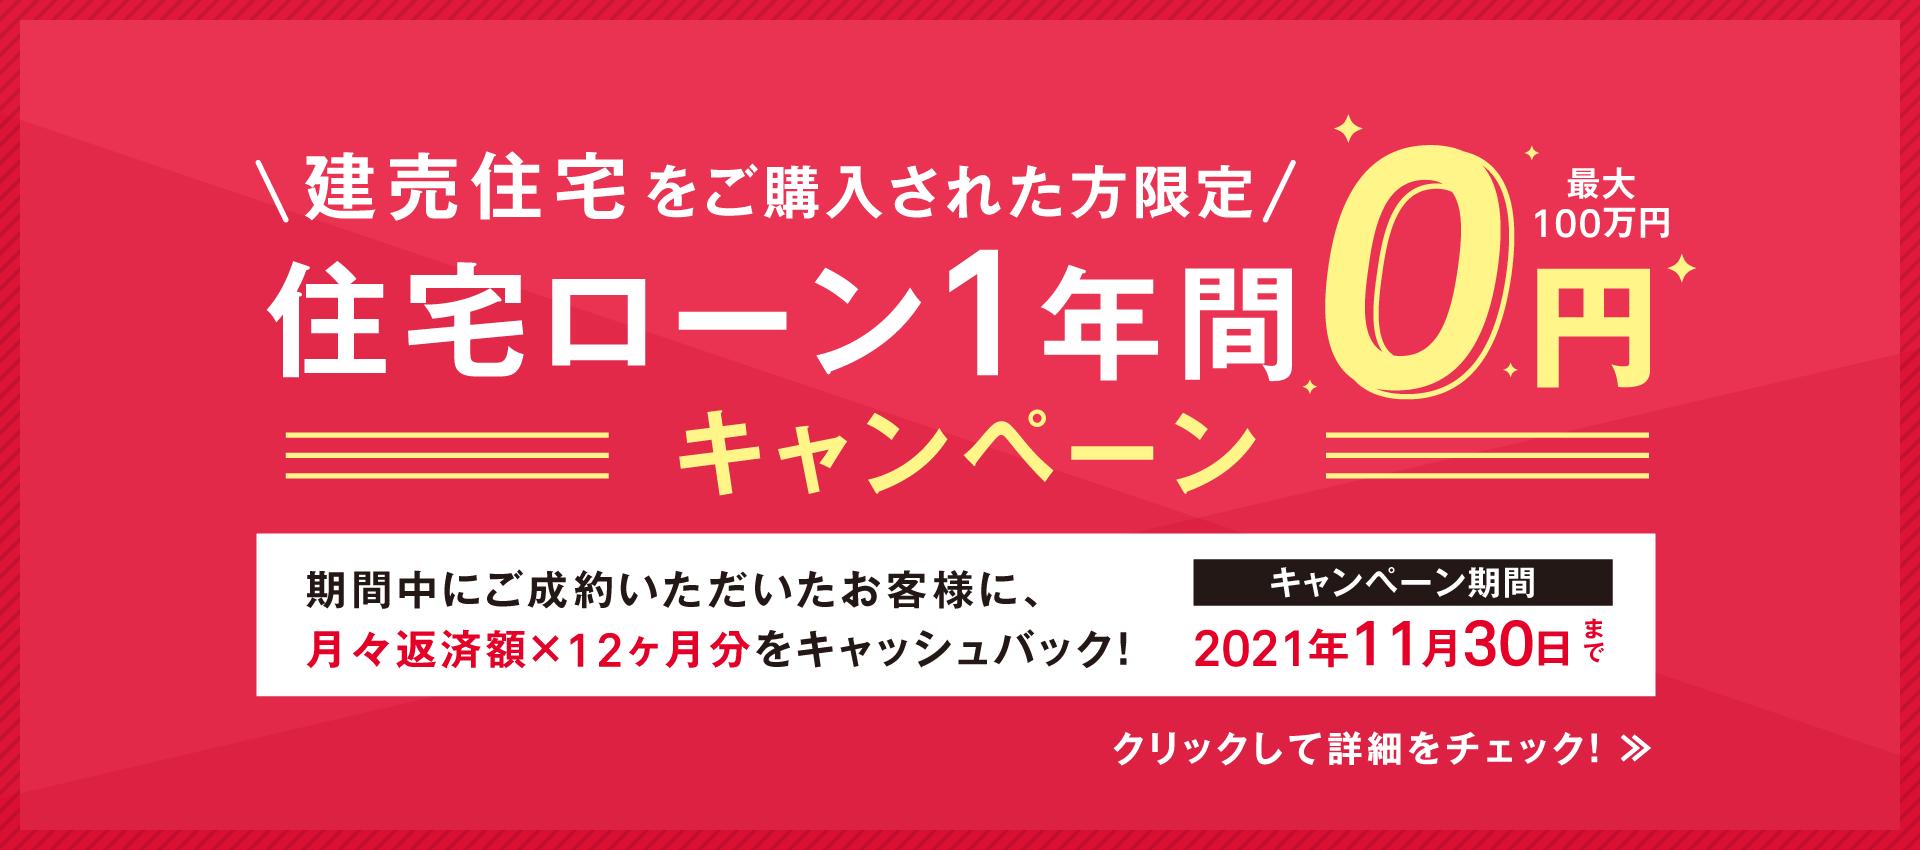 住宅ローン1年間0円キャンペーン|11月末まで!